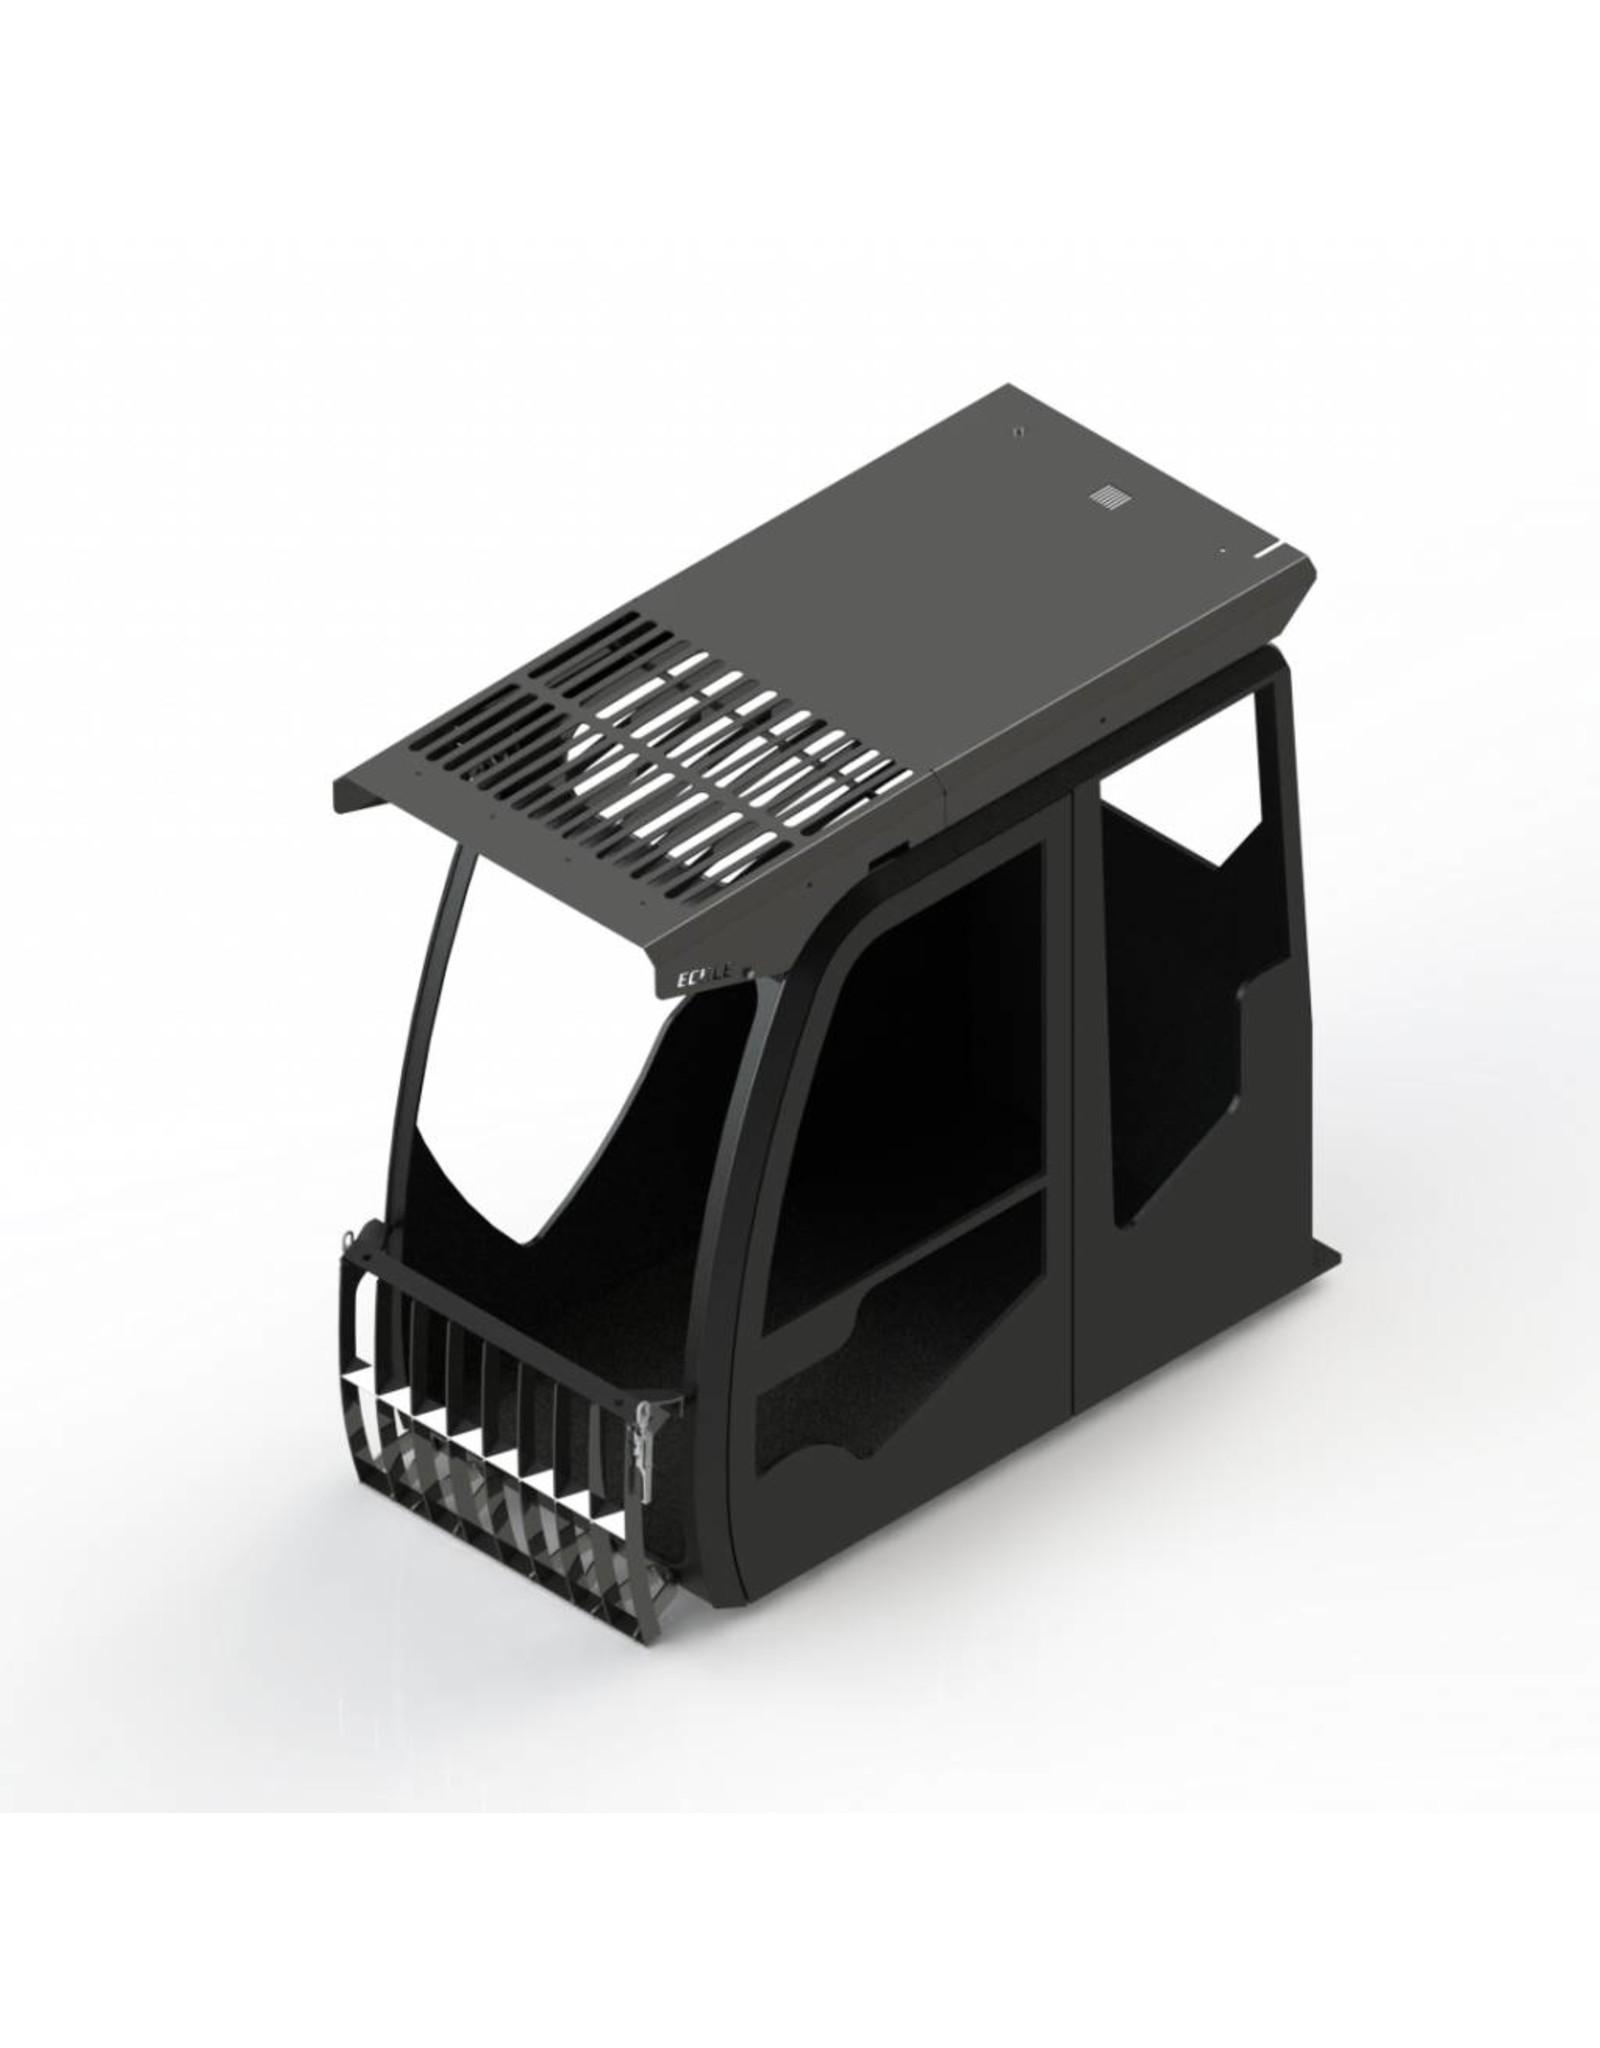 Echle Hartstahl GmbH FOPS für Liebherr A 914 Compact